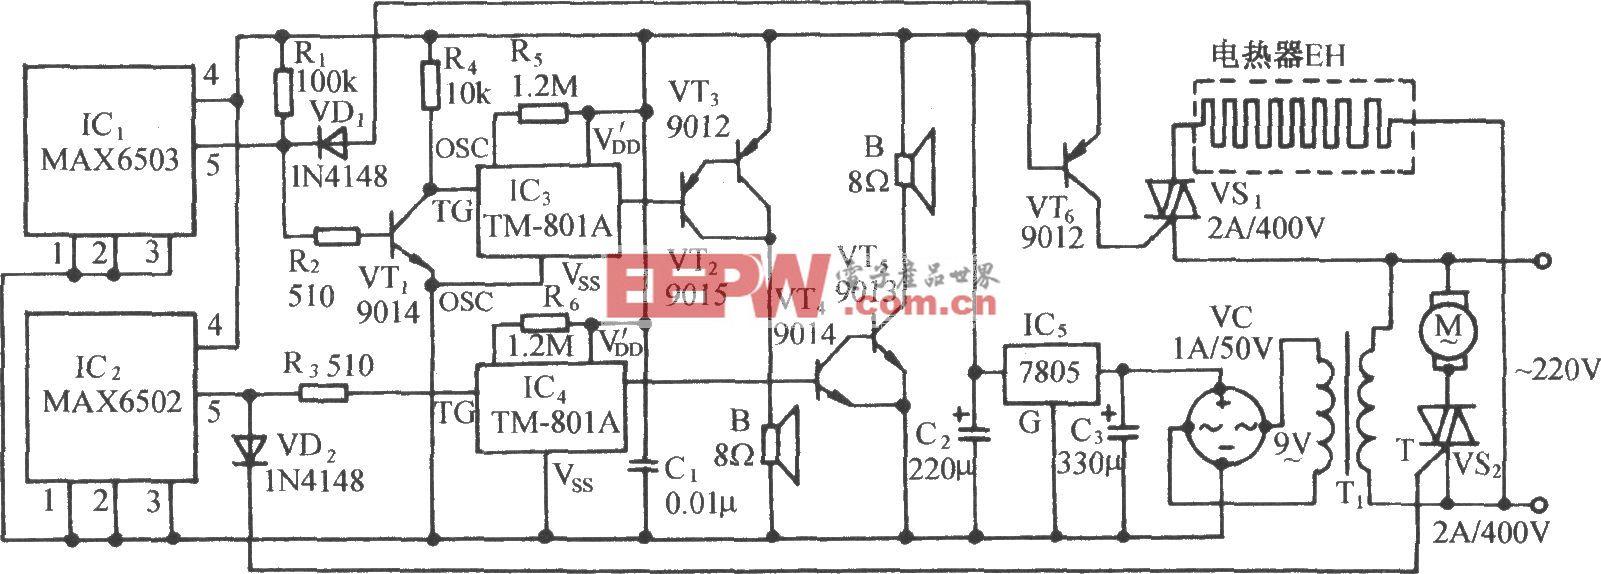 上、下限温度控制伴音响报叫电路(MAX6502/3)